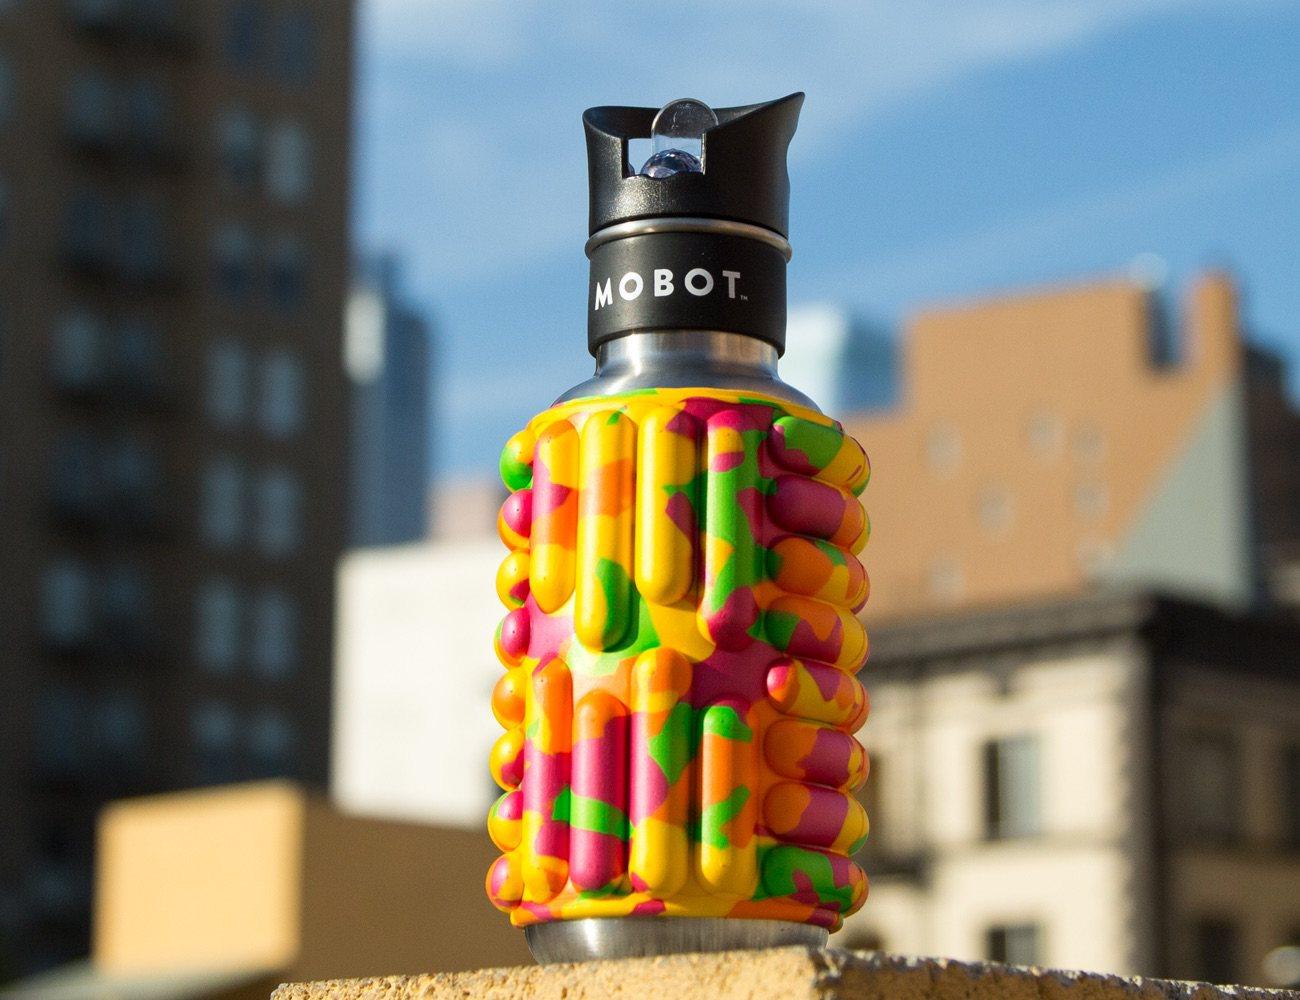 Foam+Roller+Water+Bottle+%26%238211%3B+MOBOT